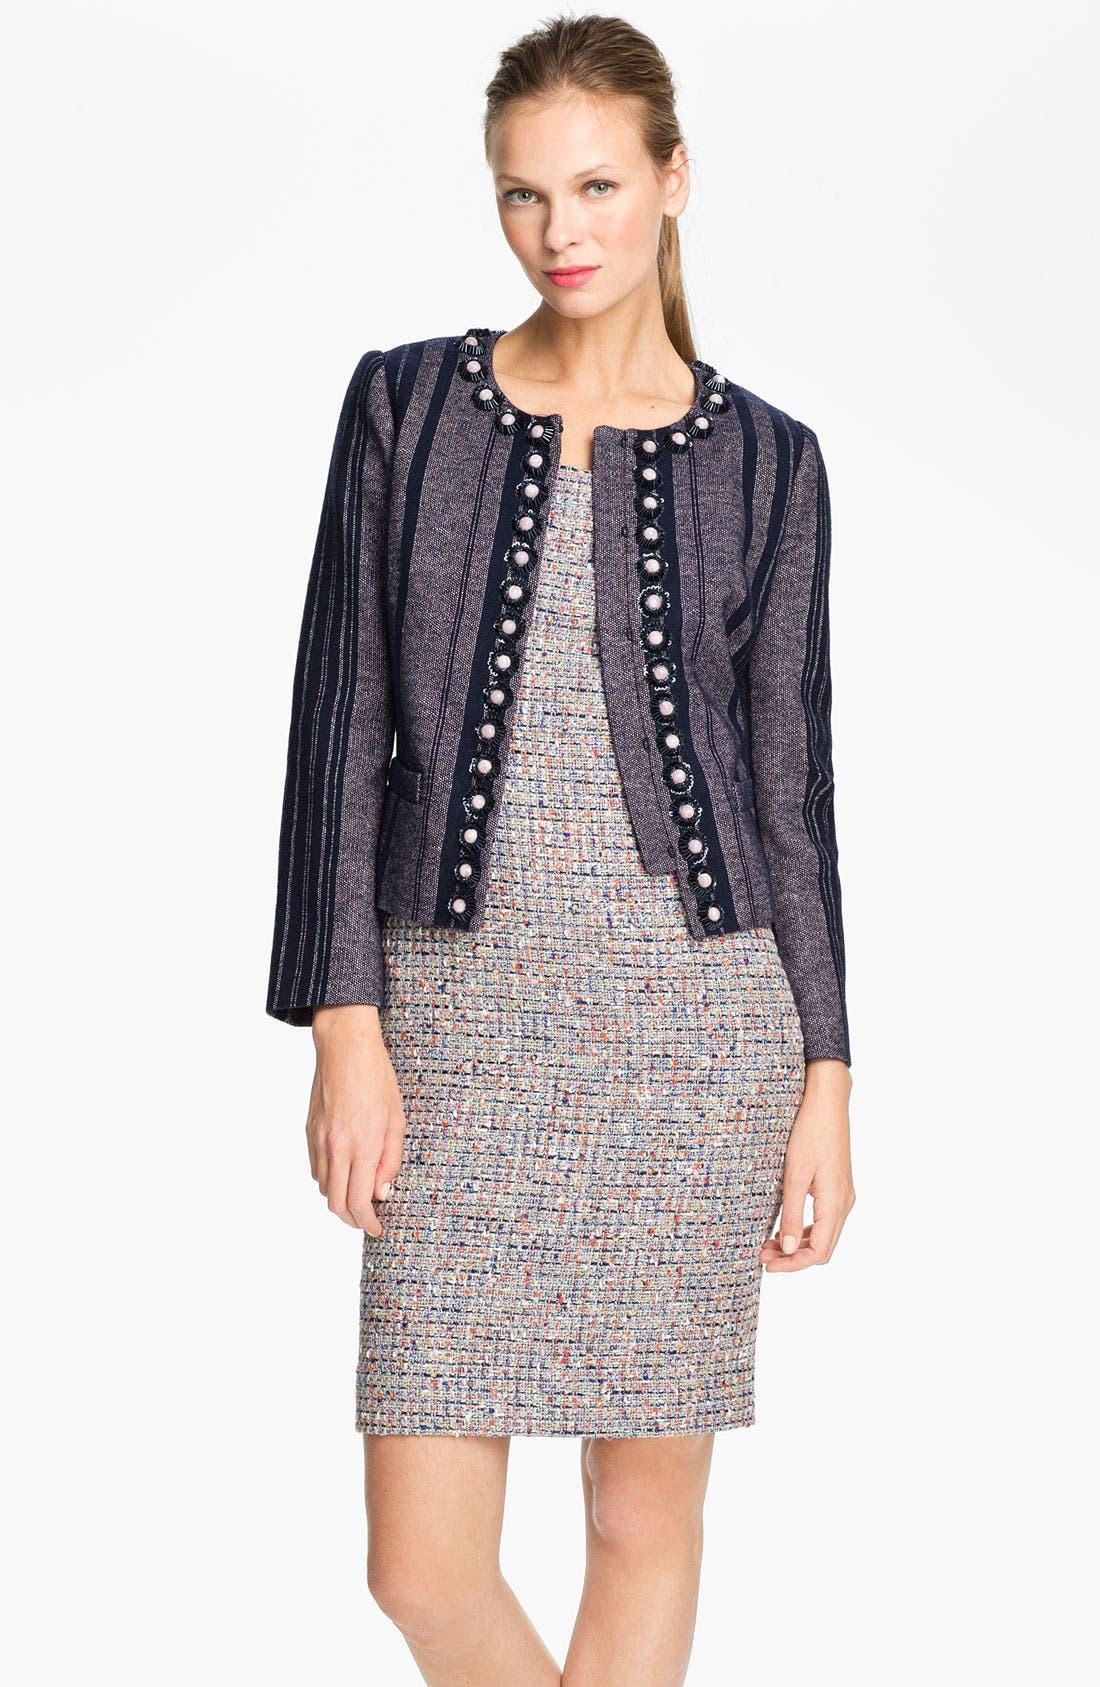 Main Image - Tory Burch 'Eliza' Embellished Jacket